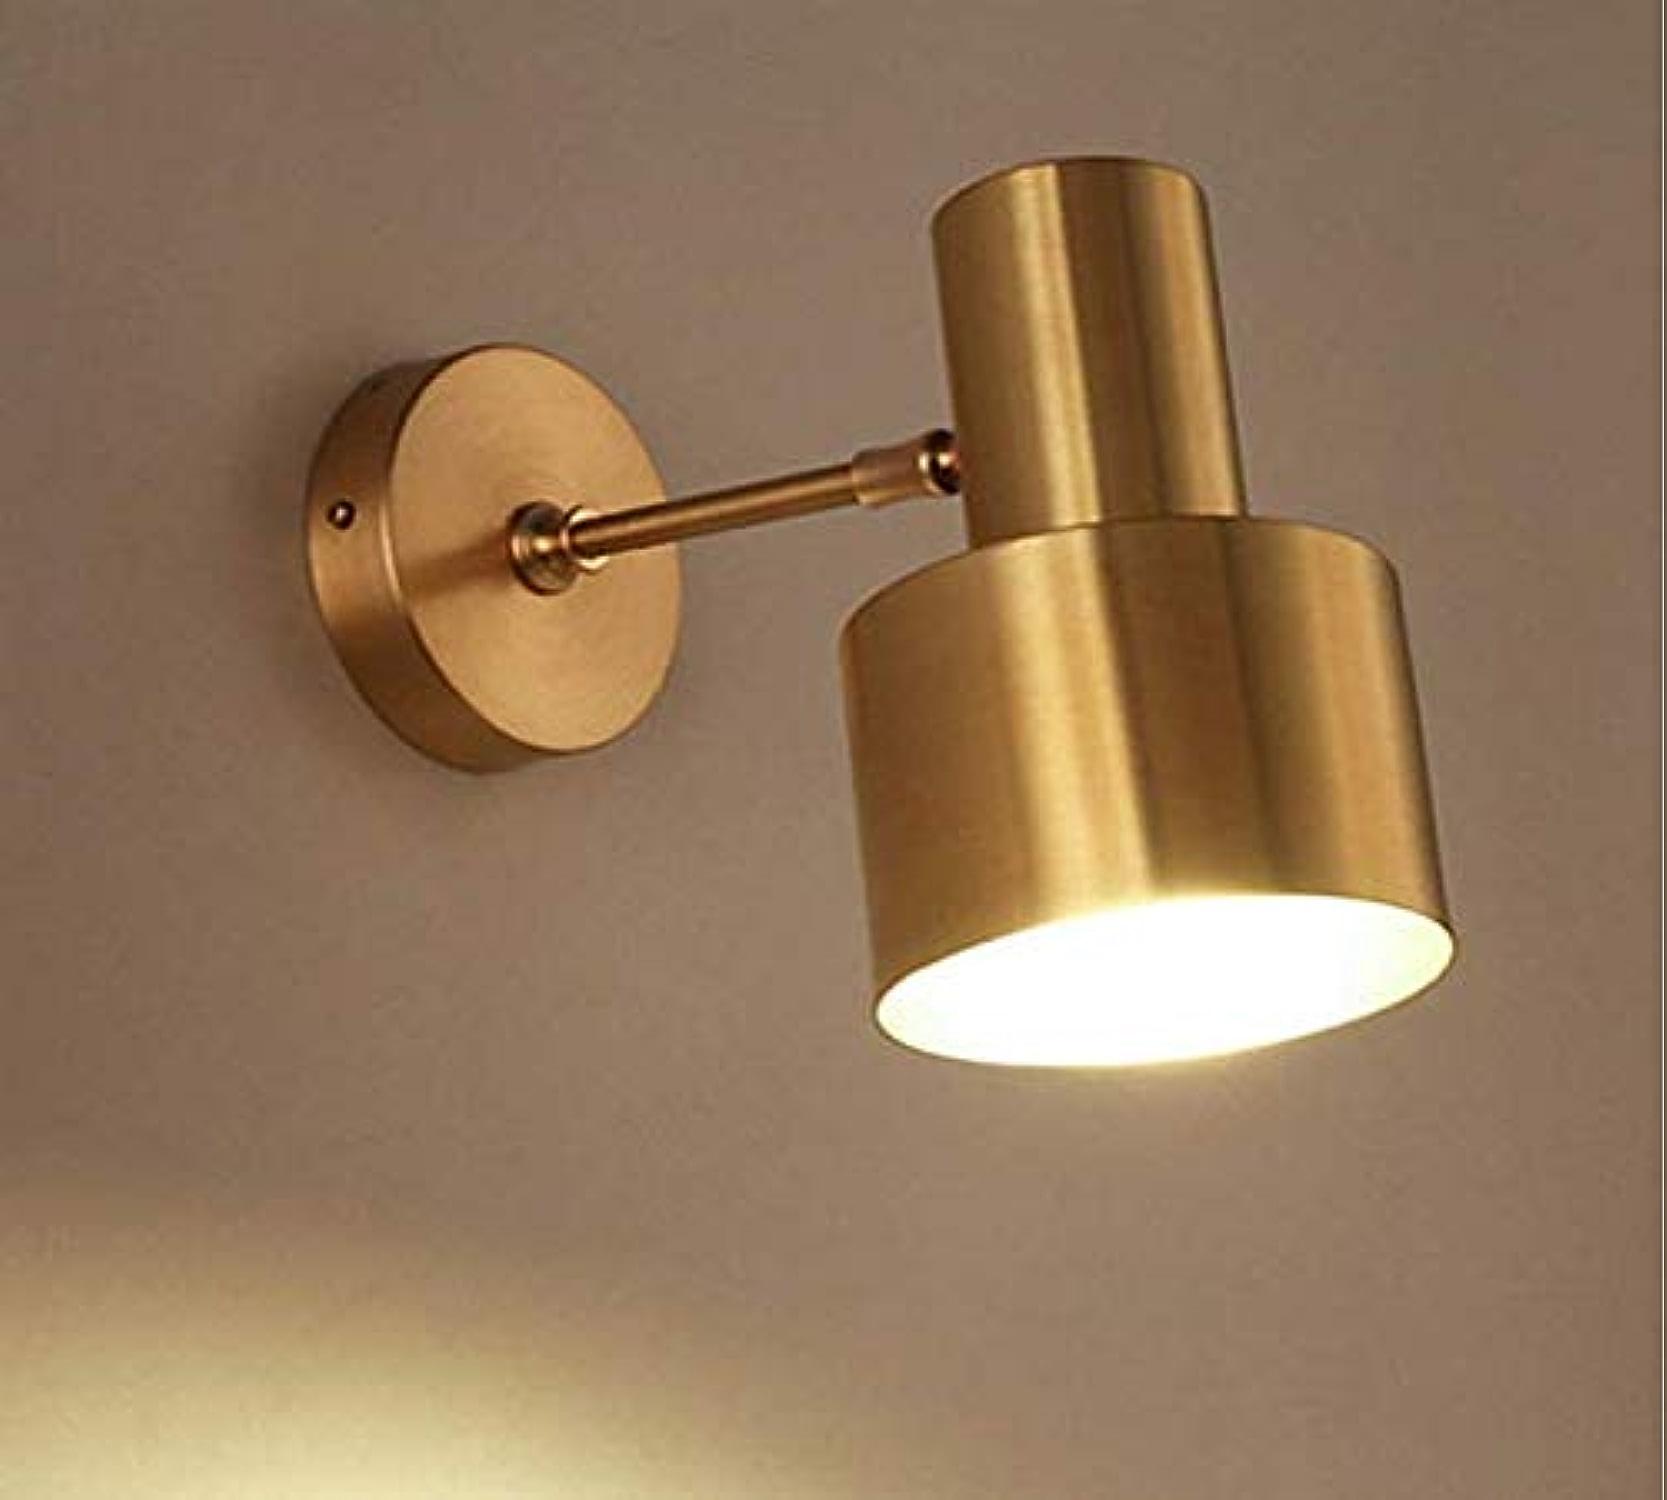 lumièremodern Simplicity 12W Retro Wall lumière Bedroom Balcony Engineebague lumière Aisle lumières 13.5  12Cm